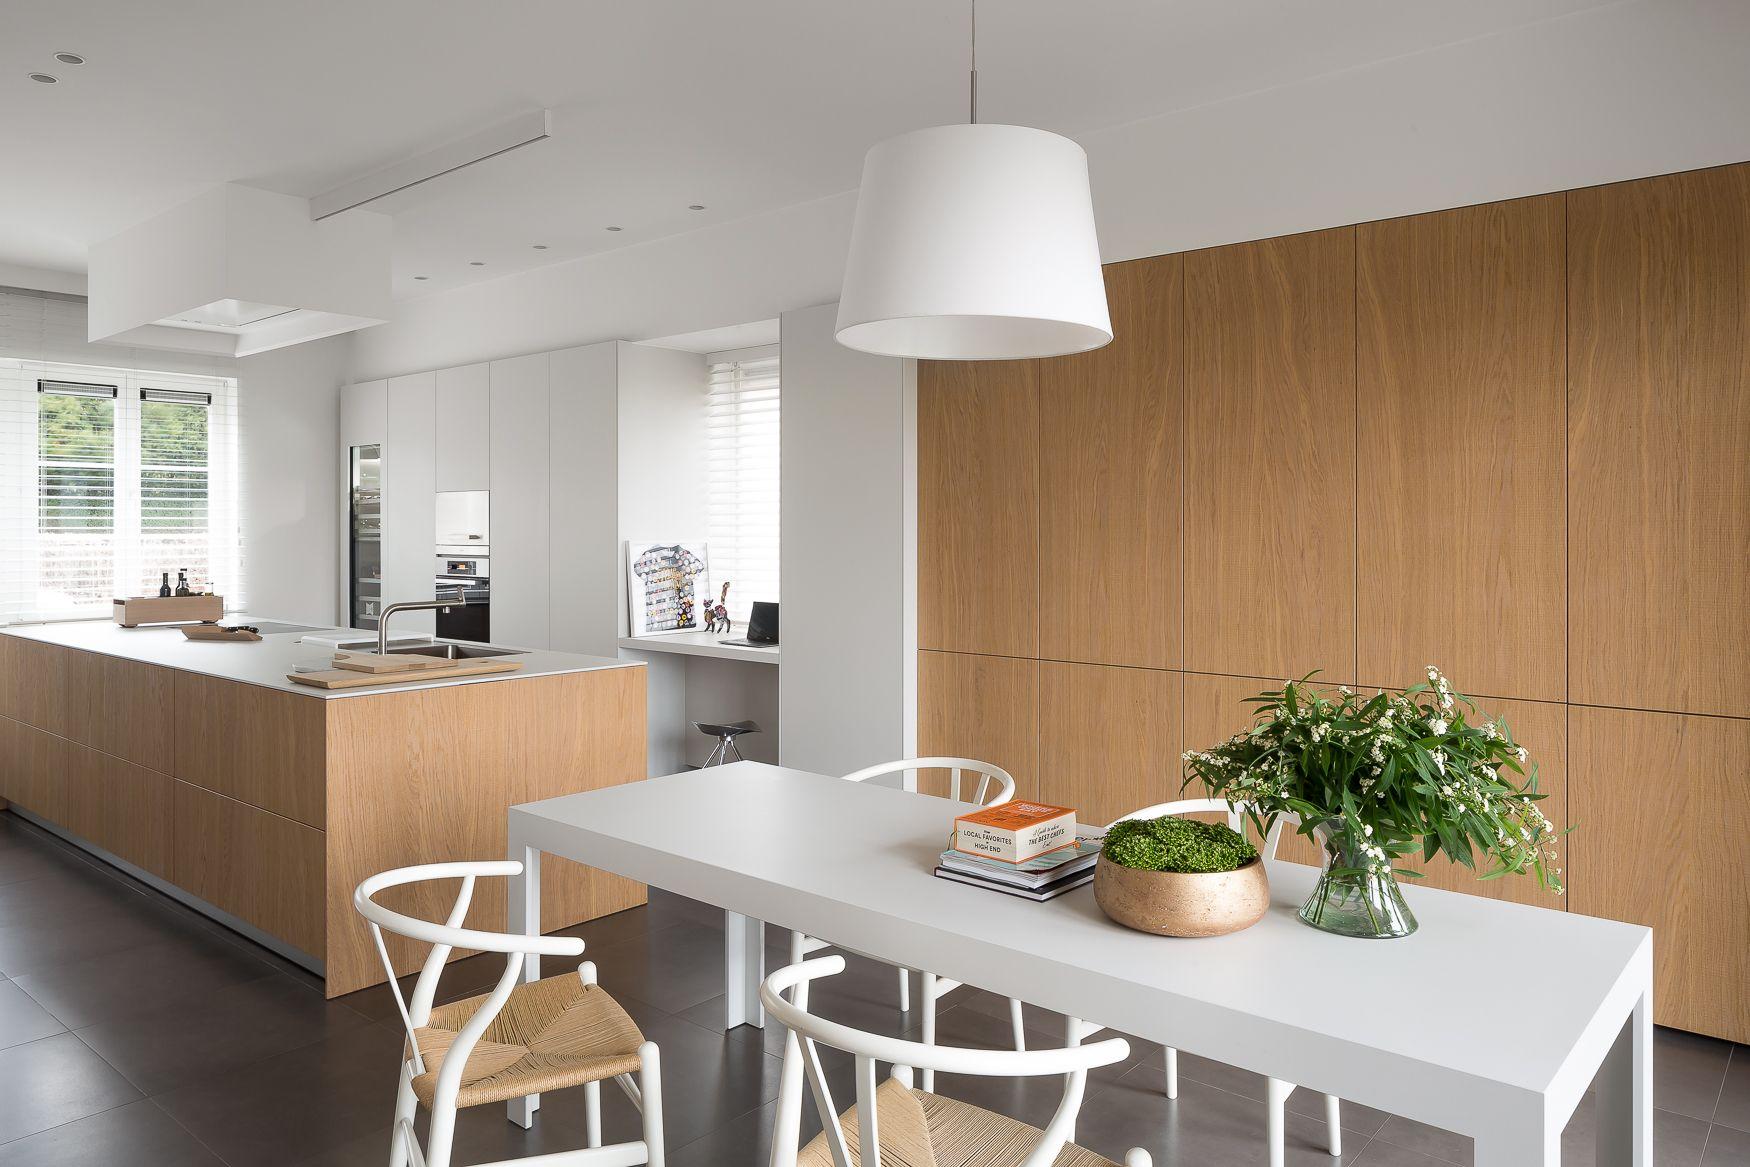 Afwerking Witte Keuken : Bulthaup b3 keuken combinatie van witte en houten afwerking